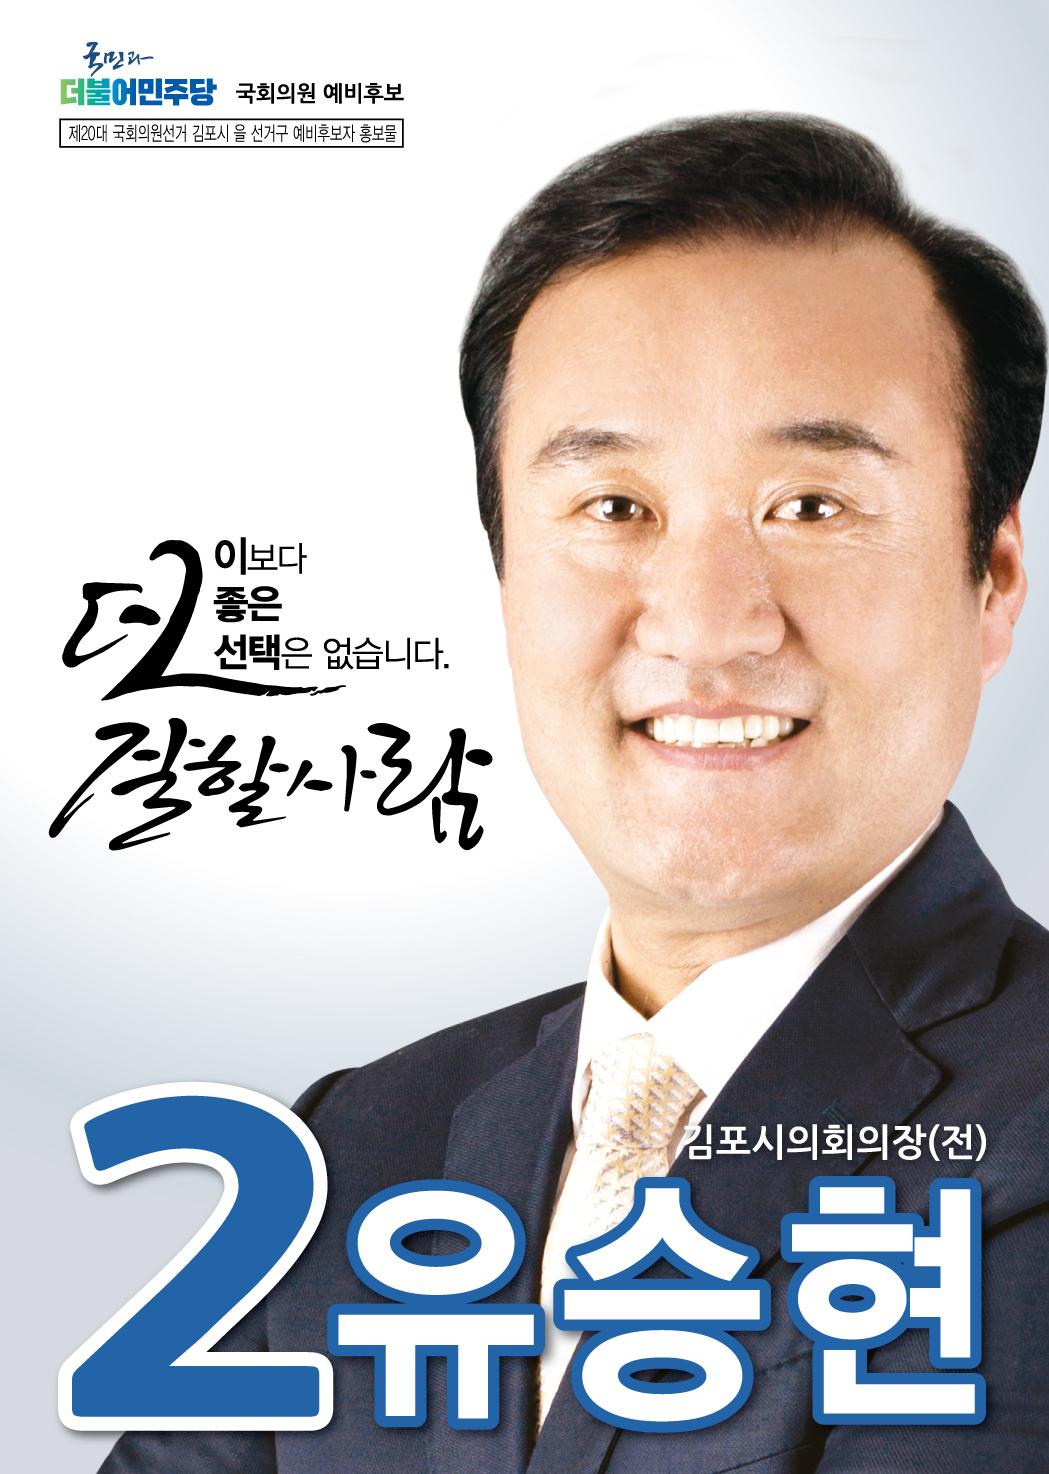 [선택 2016] 유승현 예비후보 홍보물(을구)[선택 2016] 유승현 예비후보 홍보물(을구) - 씨티21